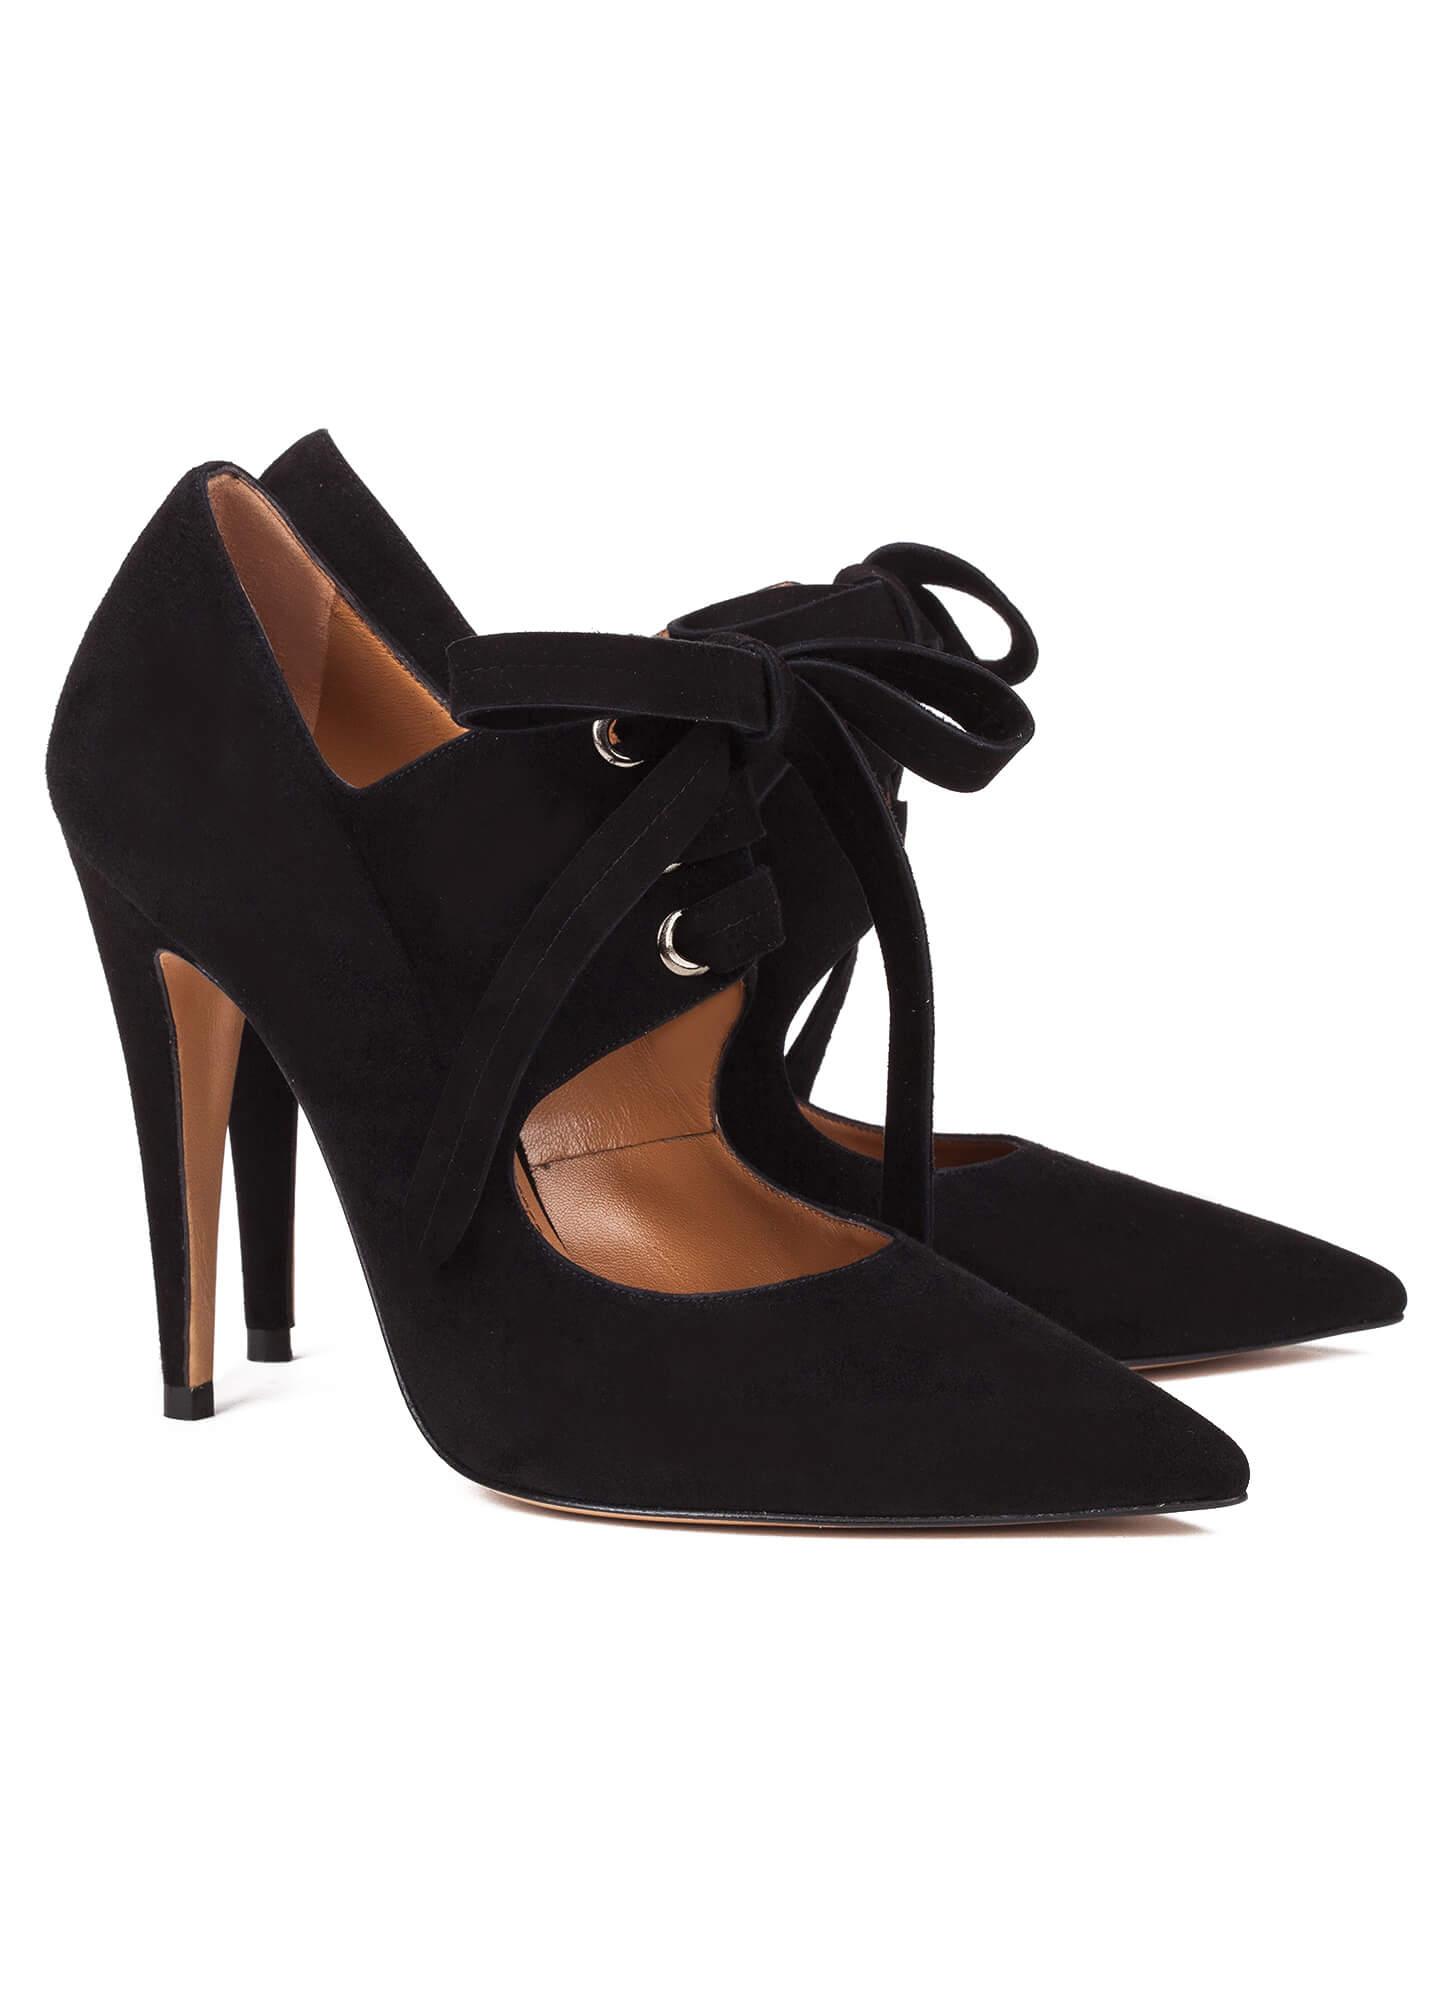 a95d55020791 Black lace-up high heel shoes - online shoe store Pura Lopez . PURA ...